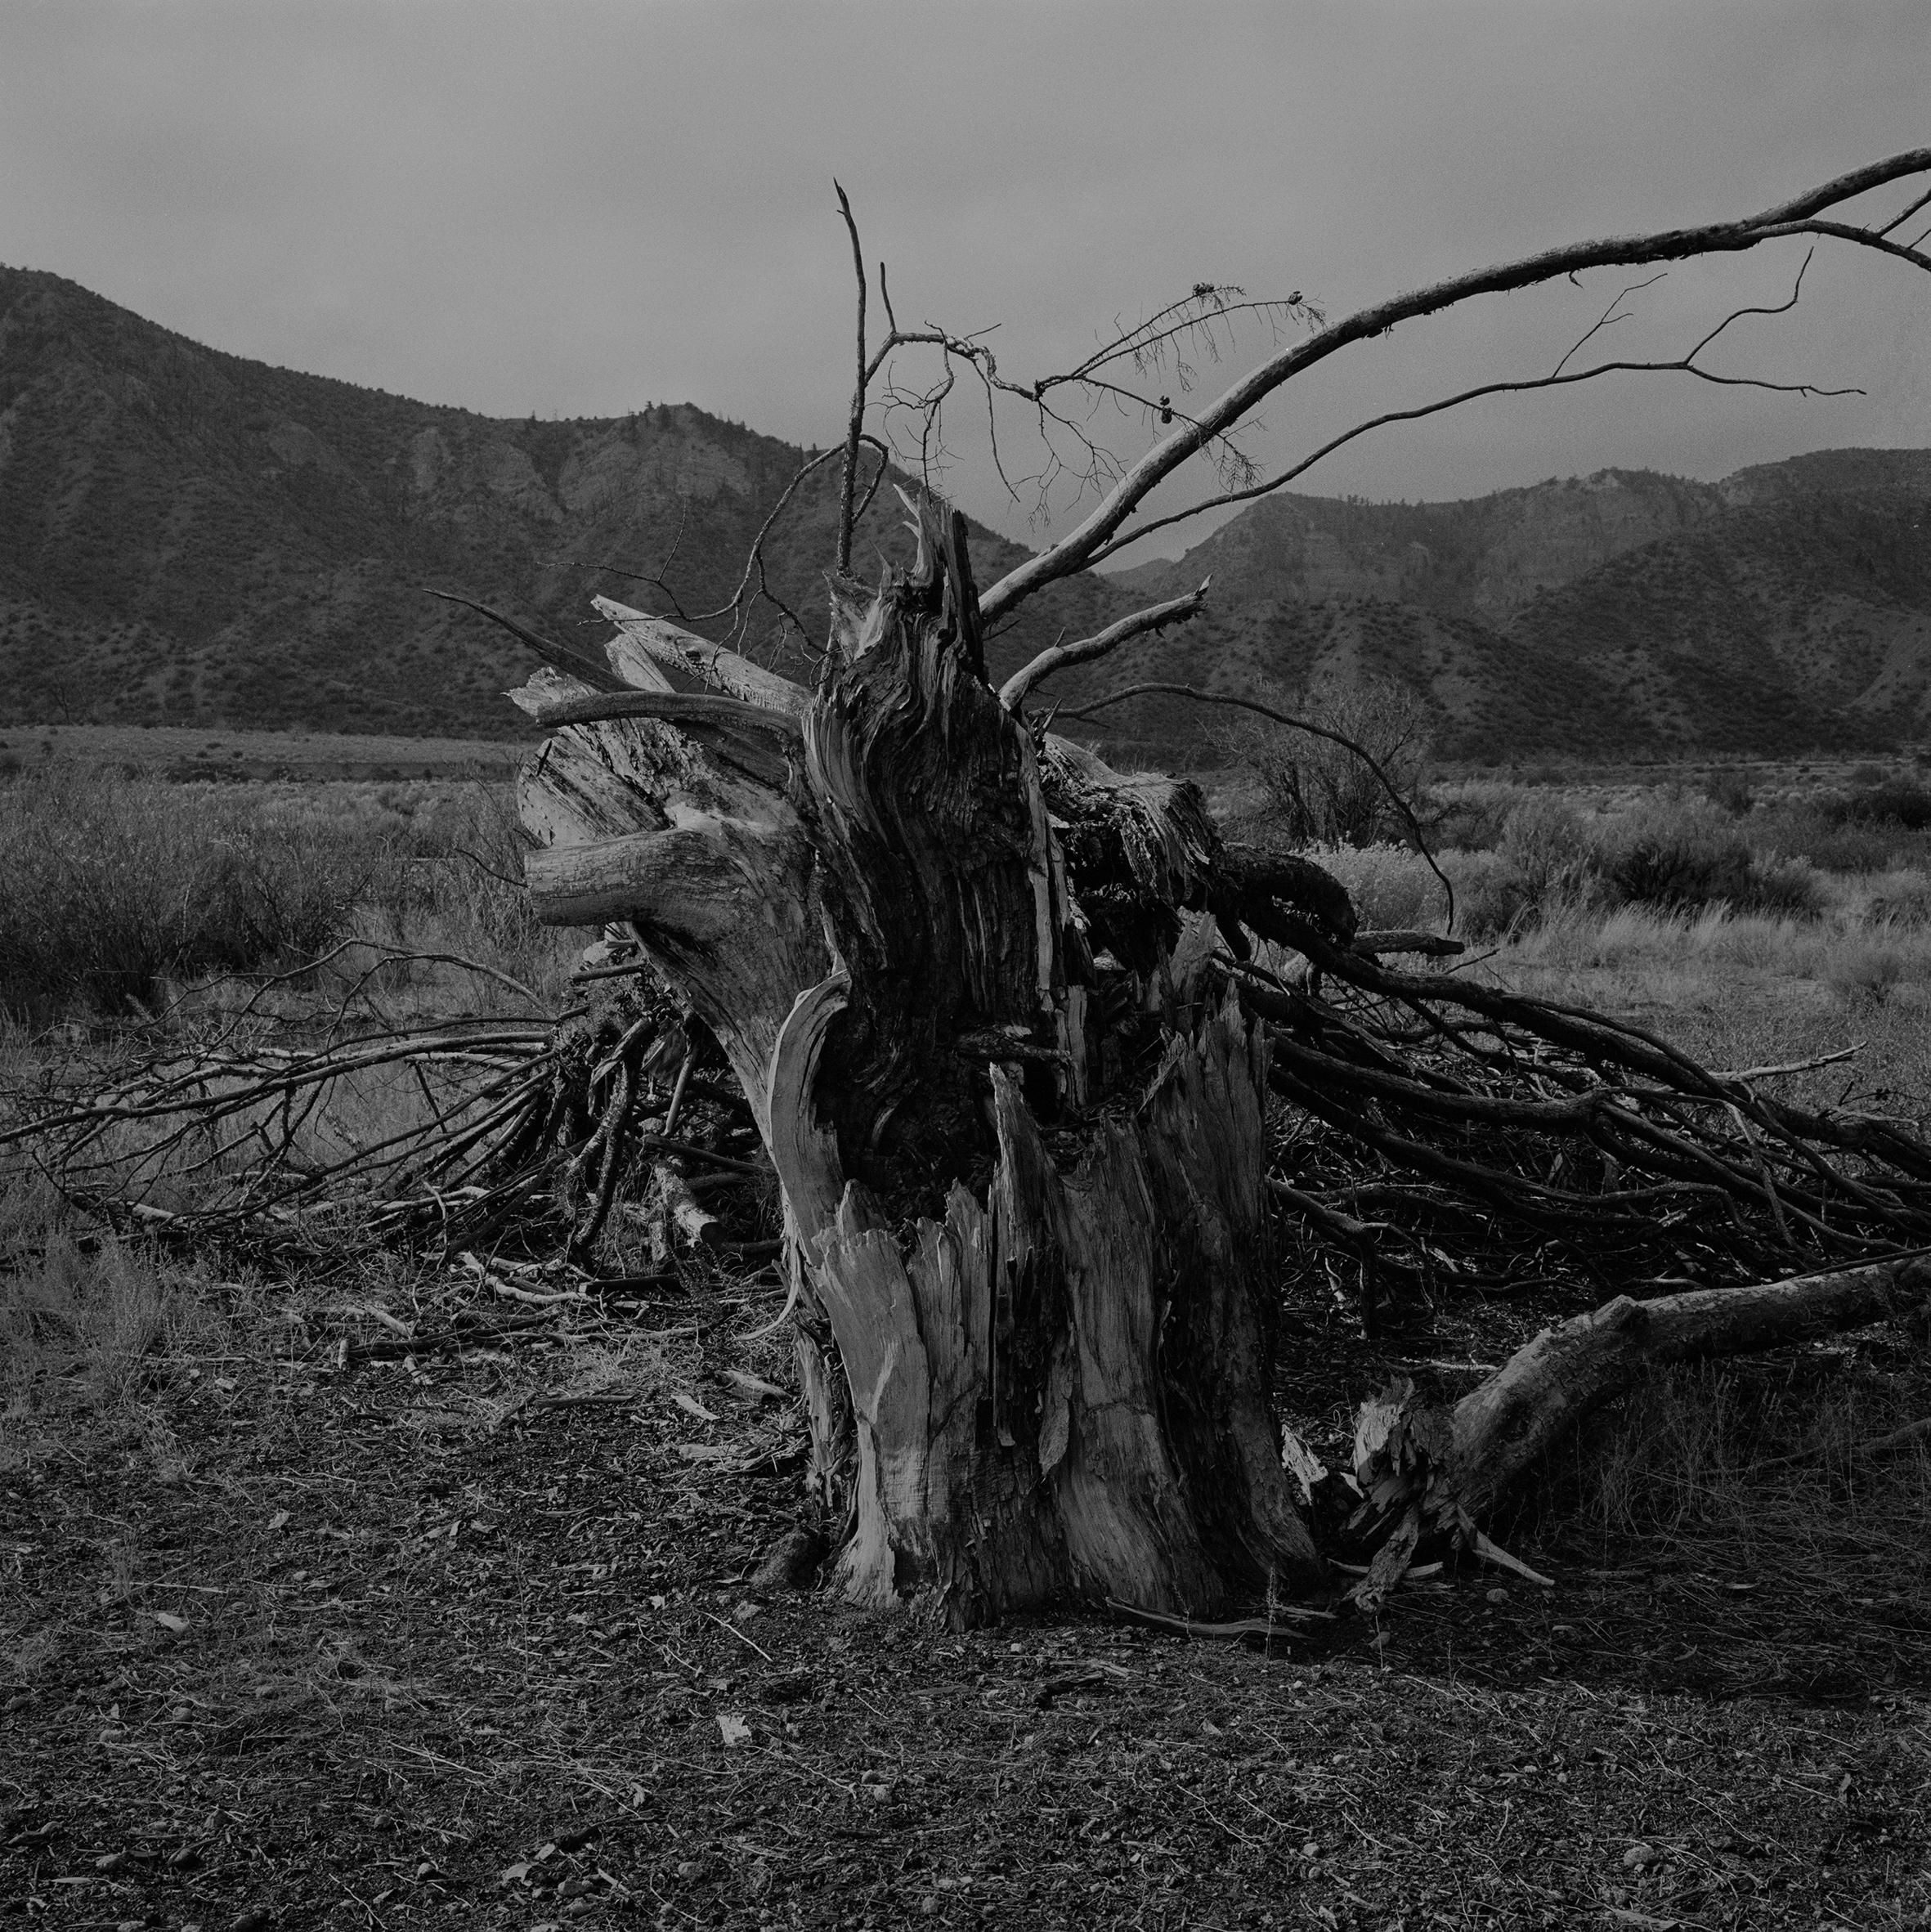 © Stefan Bladh Plats/datum:  Californien 2014 #2 Bildmått: 30x30 cm Teknik: Arkivbeständig pigmentutskrift  Montering: Träram med passepartout 50x50 cm. Upplaga: 5 + 1 AP  Signerad: Ja  Pris: SEK 4 500 (oinramad bild SEK 3 900)